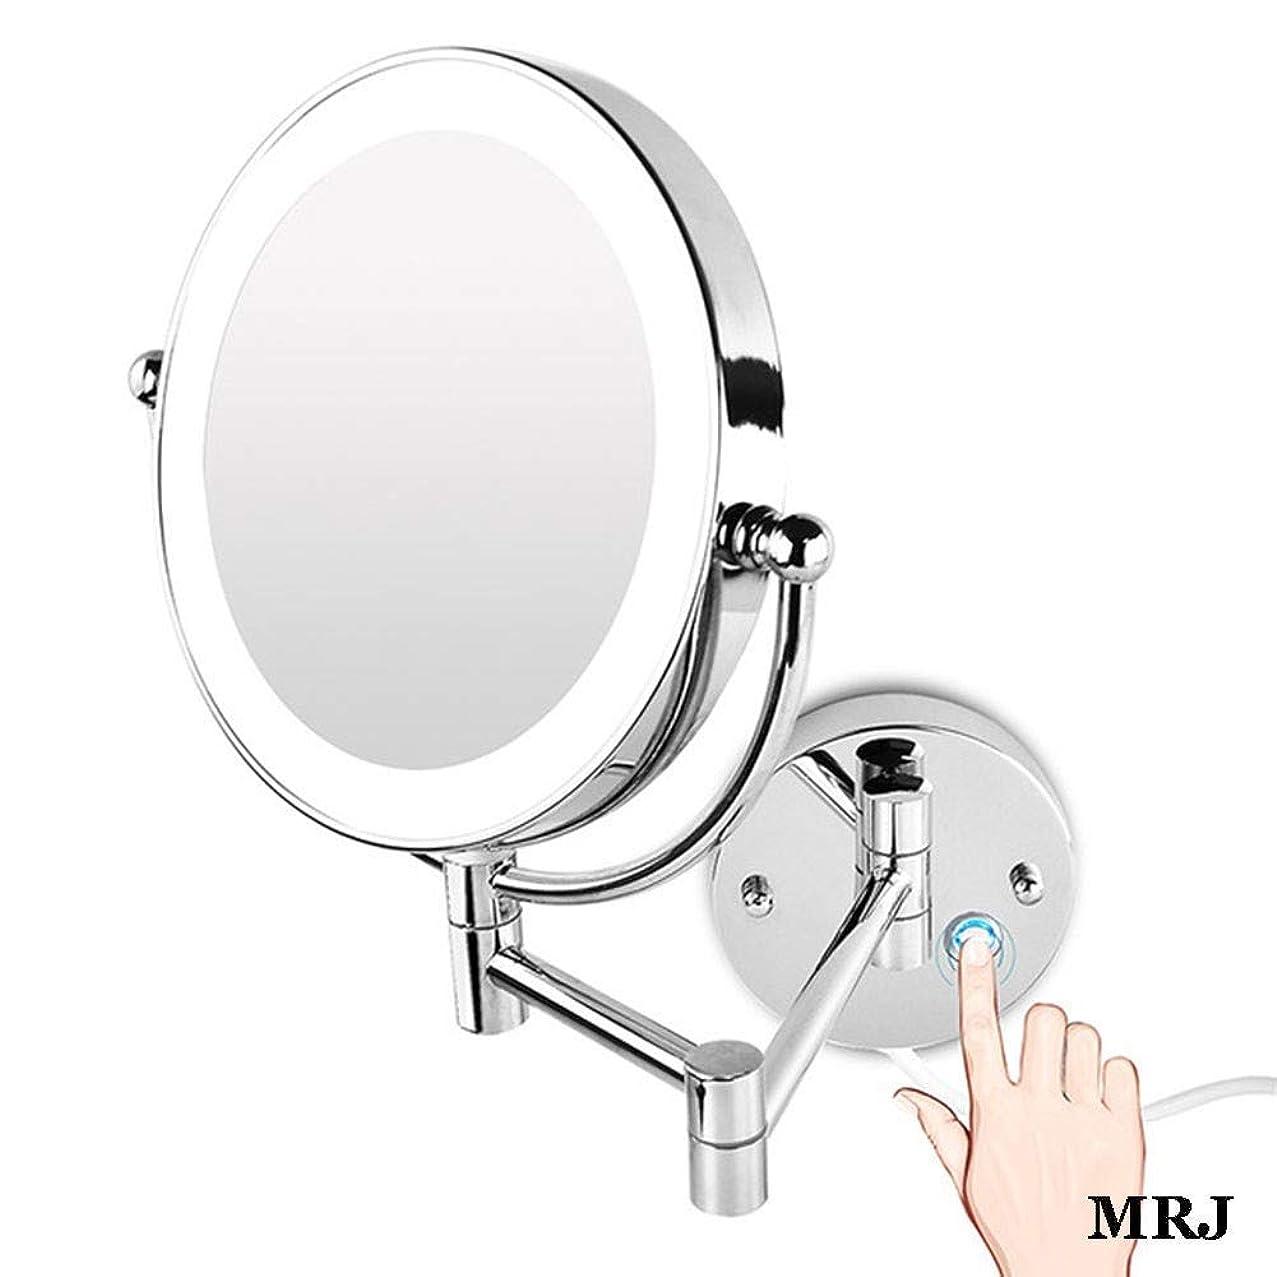 ロッジチューインガム万歳バスルームシェービングミラー壁掛け8.5インチ化粧鏡、LEDライトTrue Imageおよびx7拡大バニティミラー360度。自由回転拡張アームクローム調光タッチBSプラグ